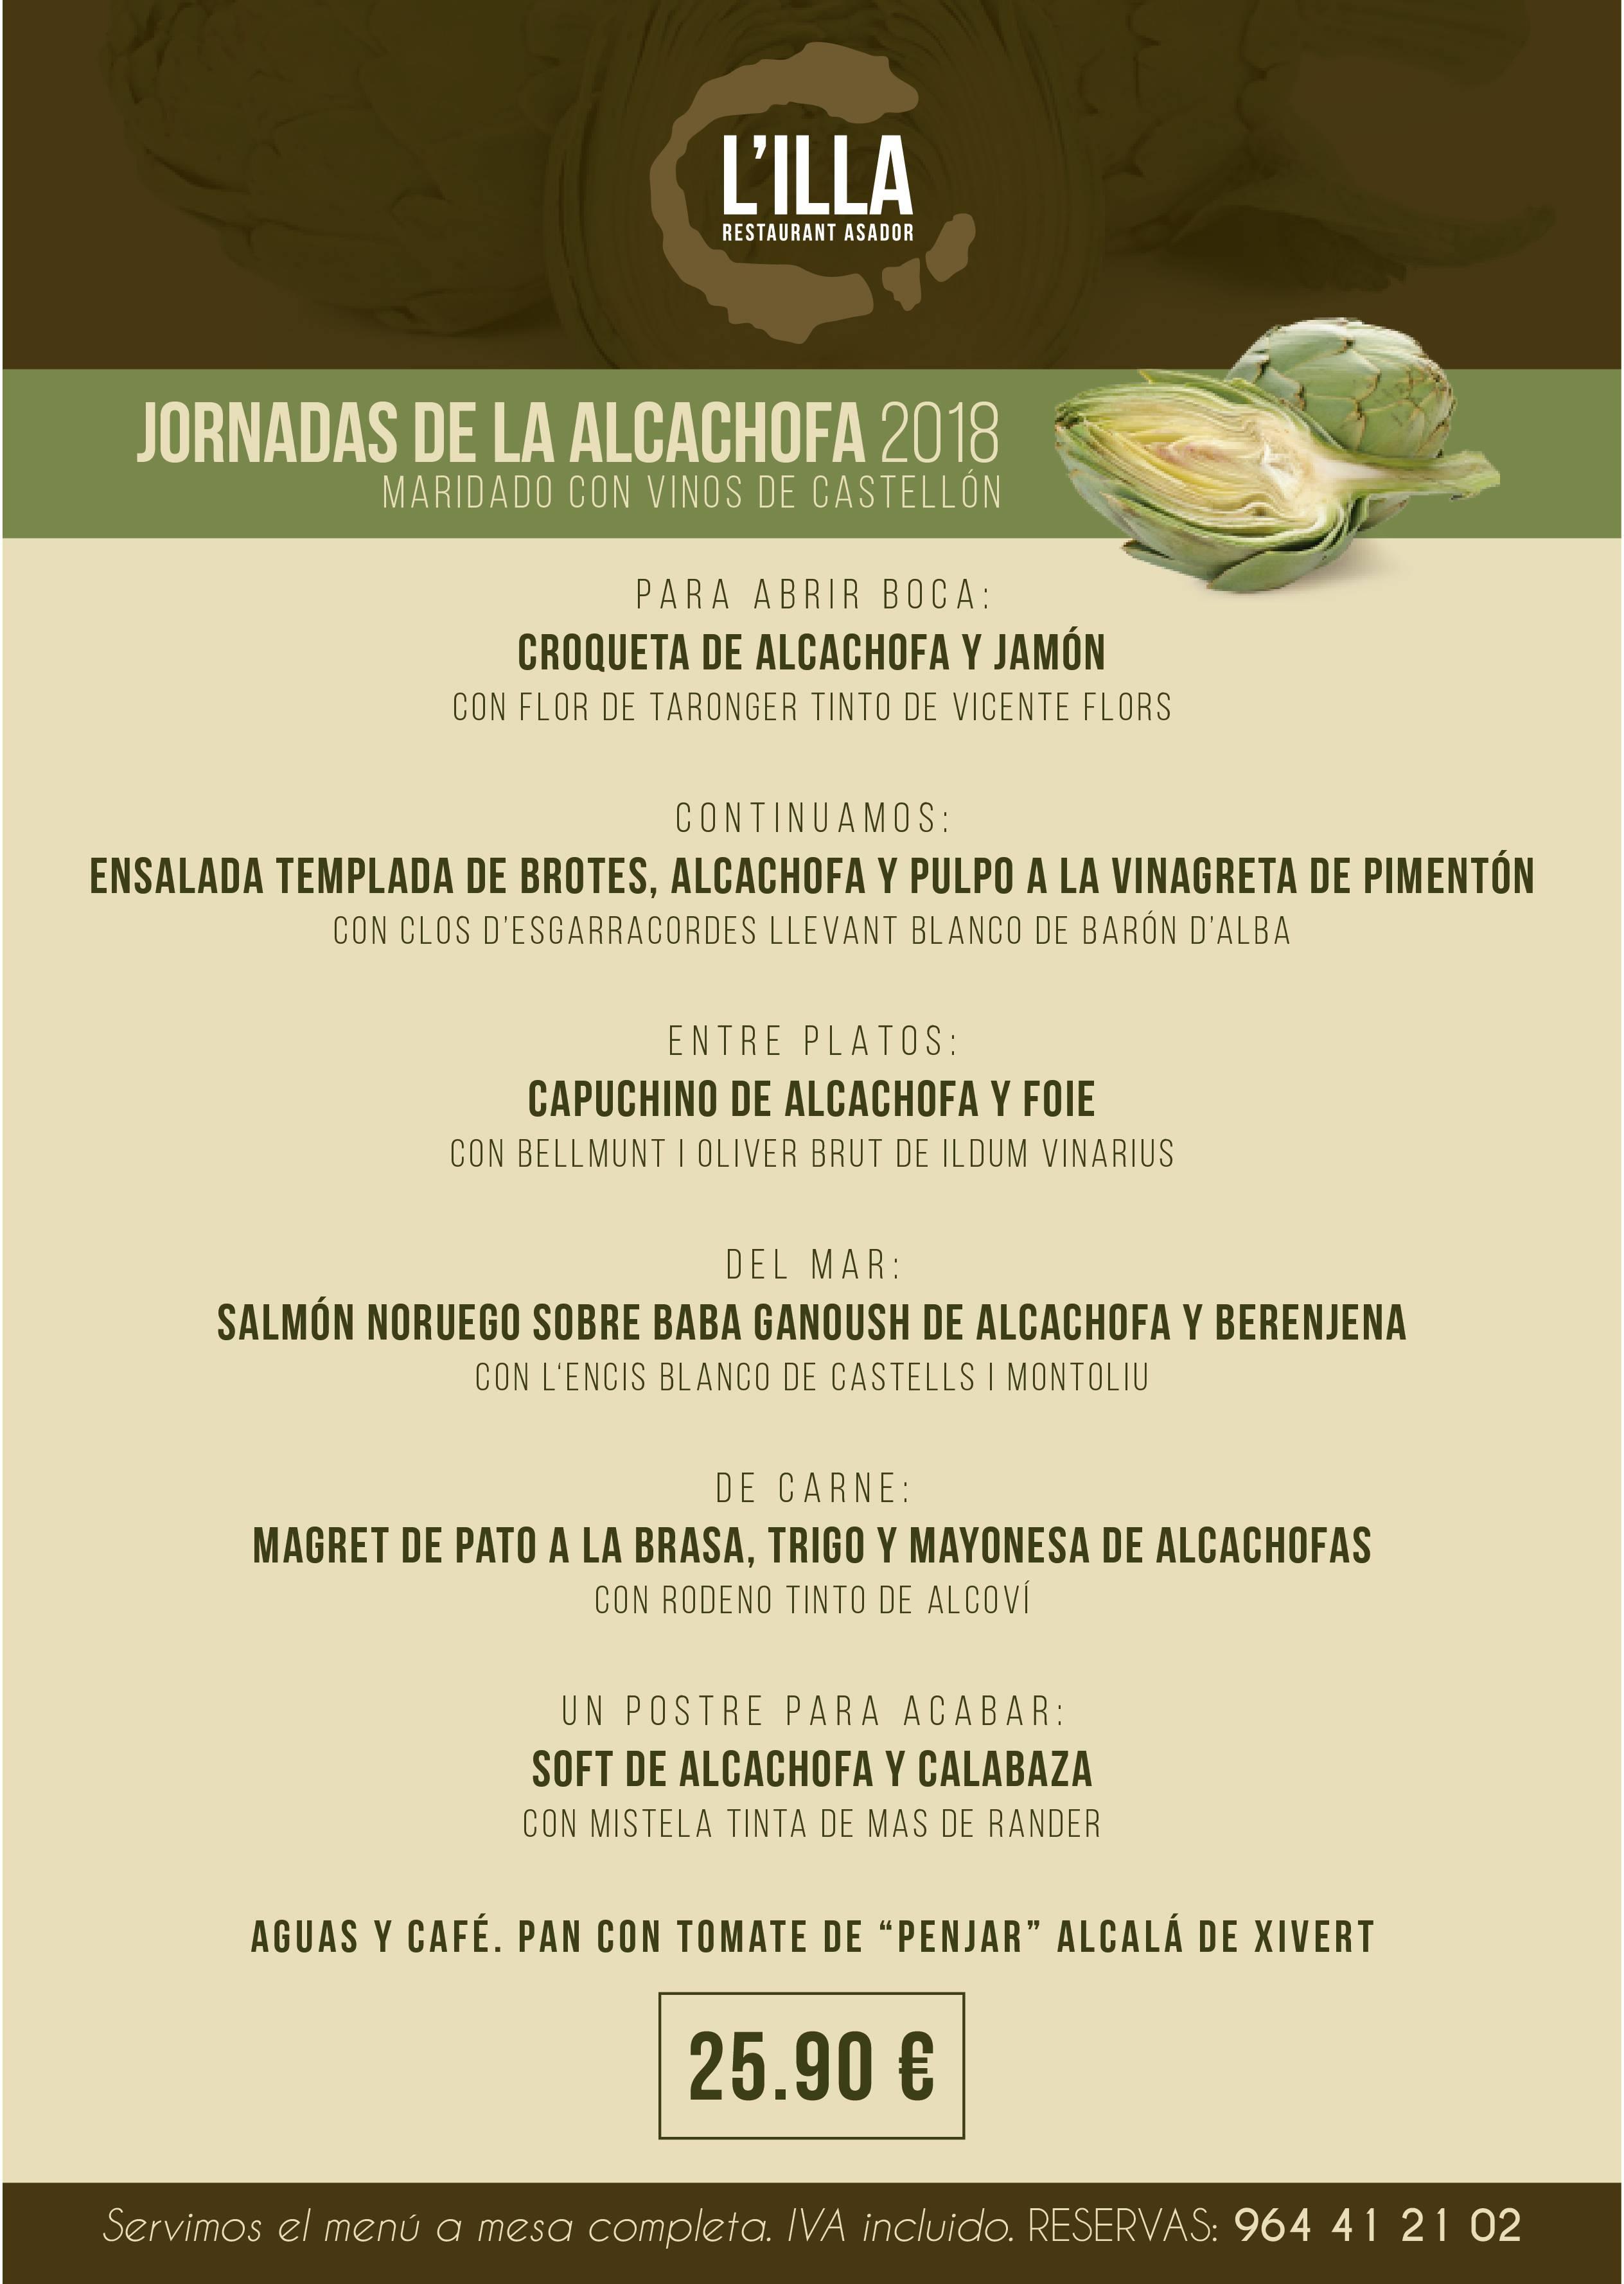 Os presento el menú de la alcachofa 2018 maridado integramente con vinos castellonenses. Lo serviremos a partir del Viernes 2 de Febrero hasta fin de mes. No olvideis que abrimos de Jueves a Domingo.